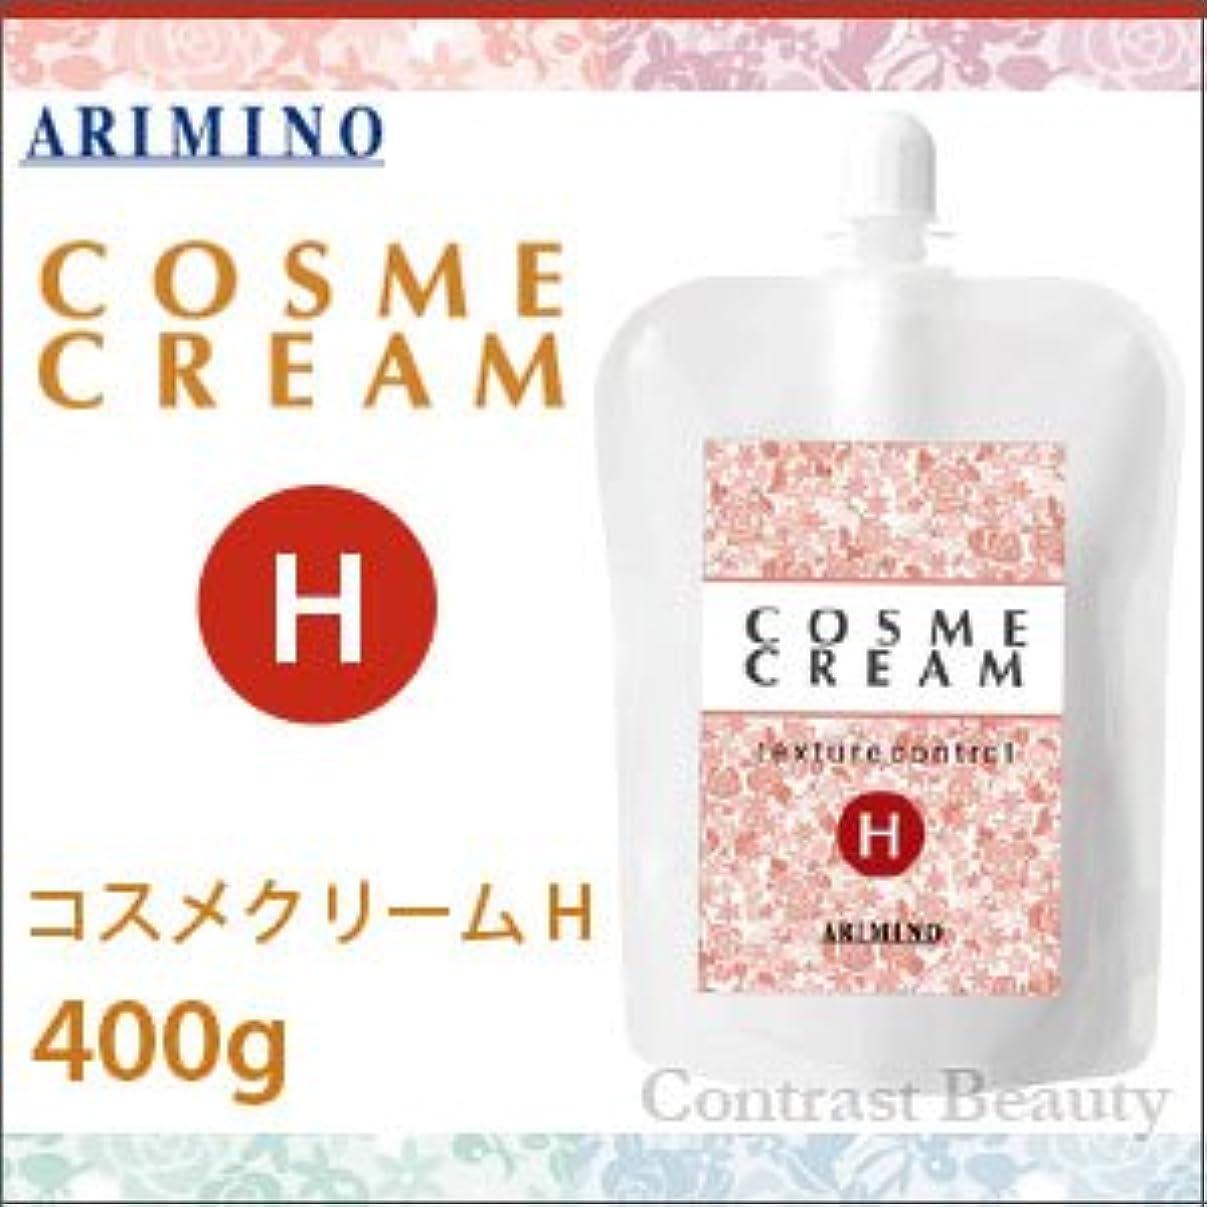 確かめる稚魚病的アリミノ コスメクリーム H 400g